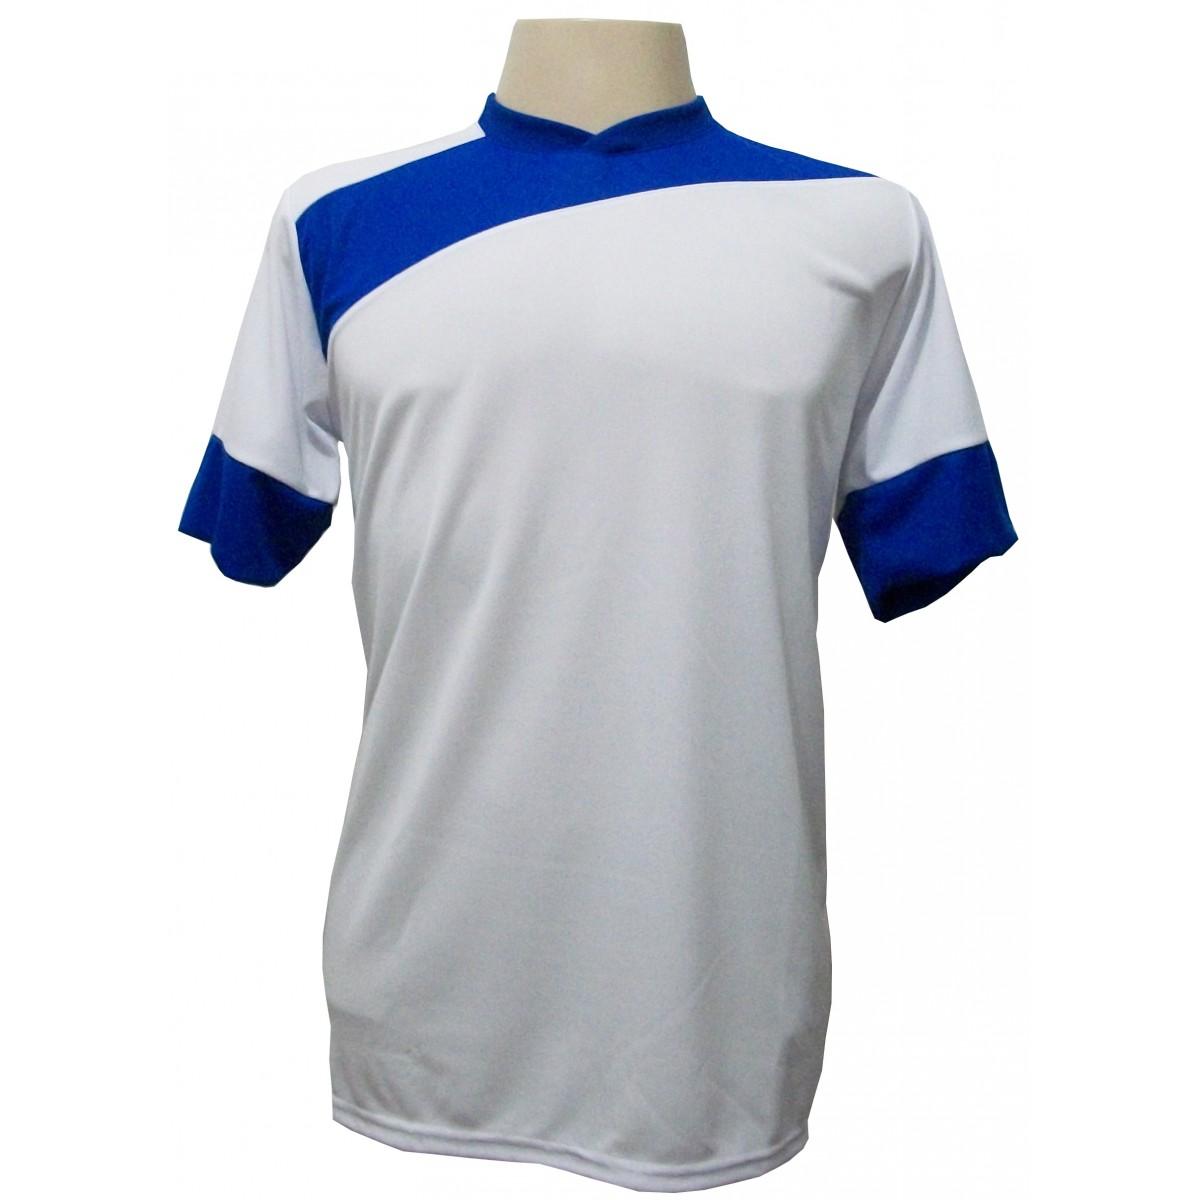 Uniforme Esportivo com 14 camisas modelo Sporting Branco/Royal + 14 calções modelo Madrid Branco + Brindes